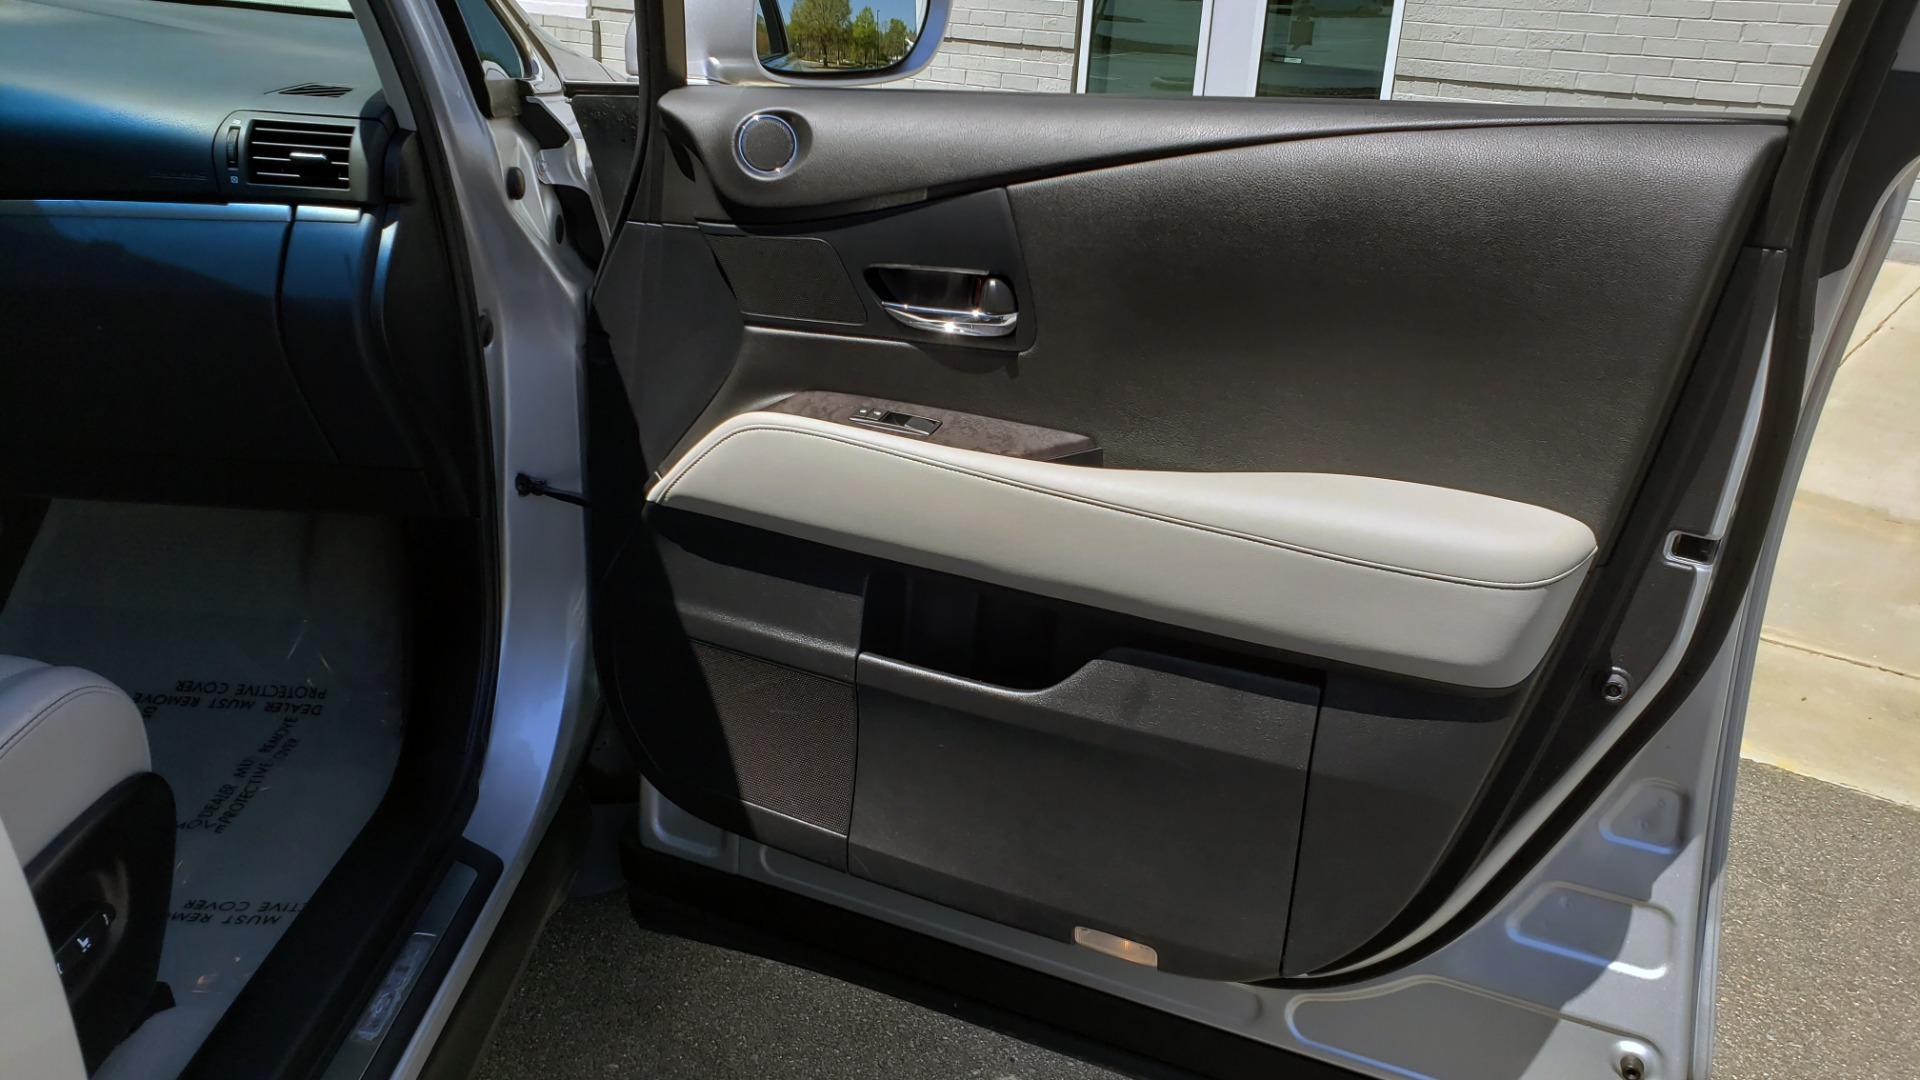 Used 2015 Lexus RX 450H AWD / PREM PKG / NAV / PARK ASST / HUD / BLIND SPOT MONITOR for sale Sold at Formula Imports in Charlotte NC 28227 68